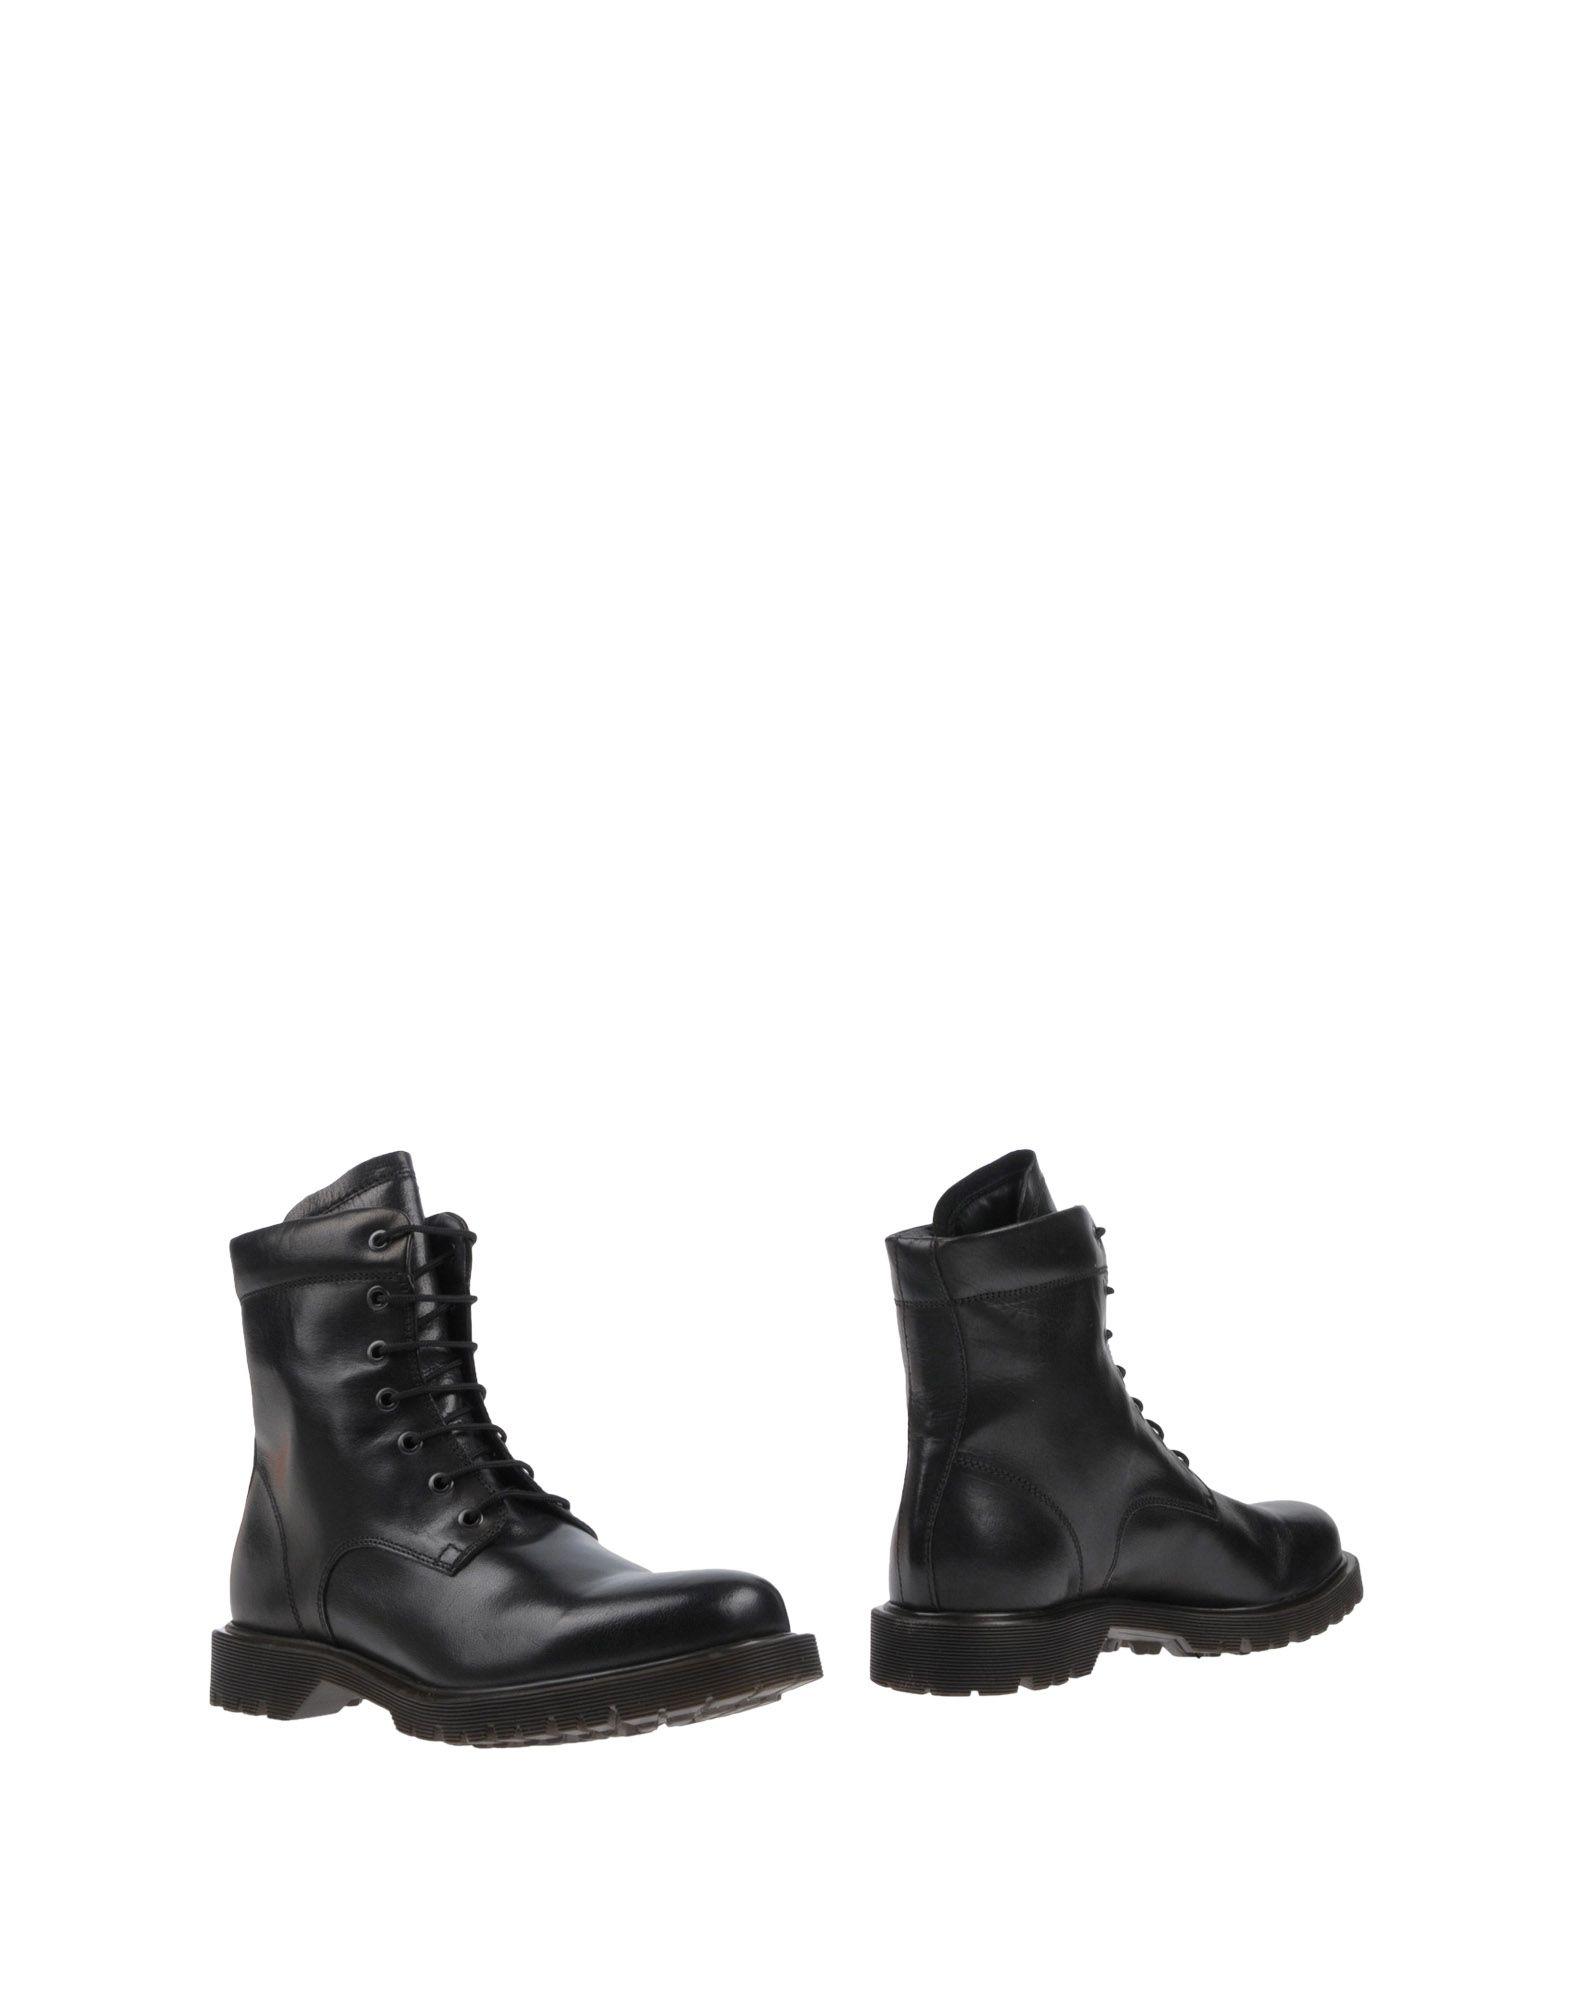 Pantofola D'oro Stiefelette Herren  11456512AF Gute Qualität beliebte Schuhe